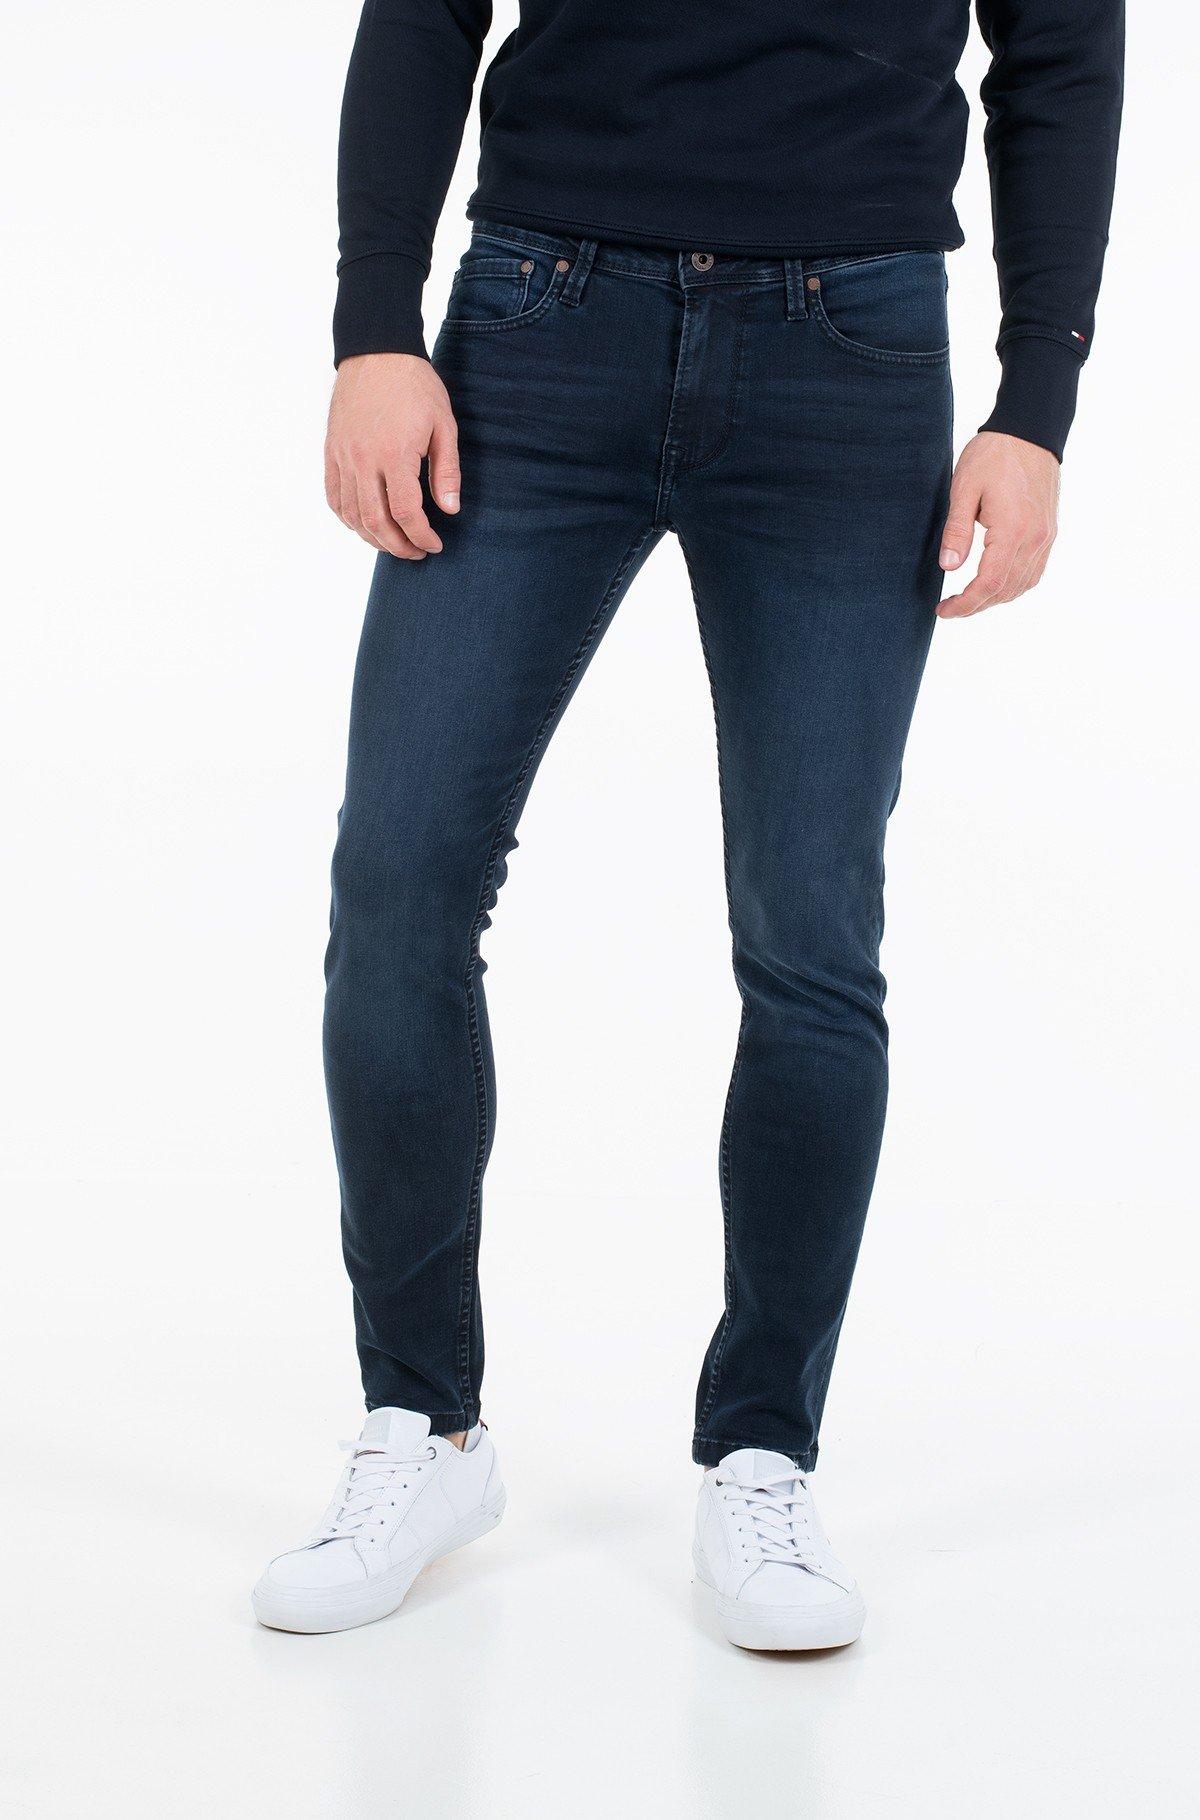 Jeans FINSBURY/PM200338XB7-full-1